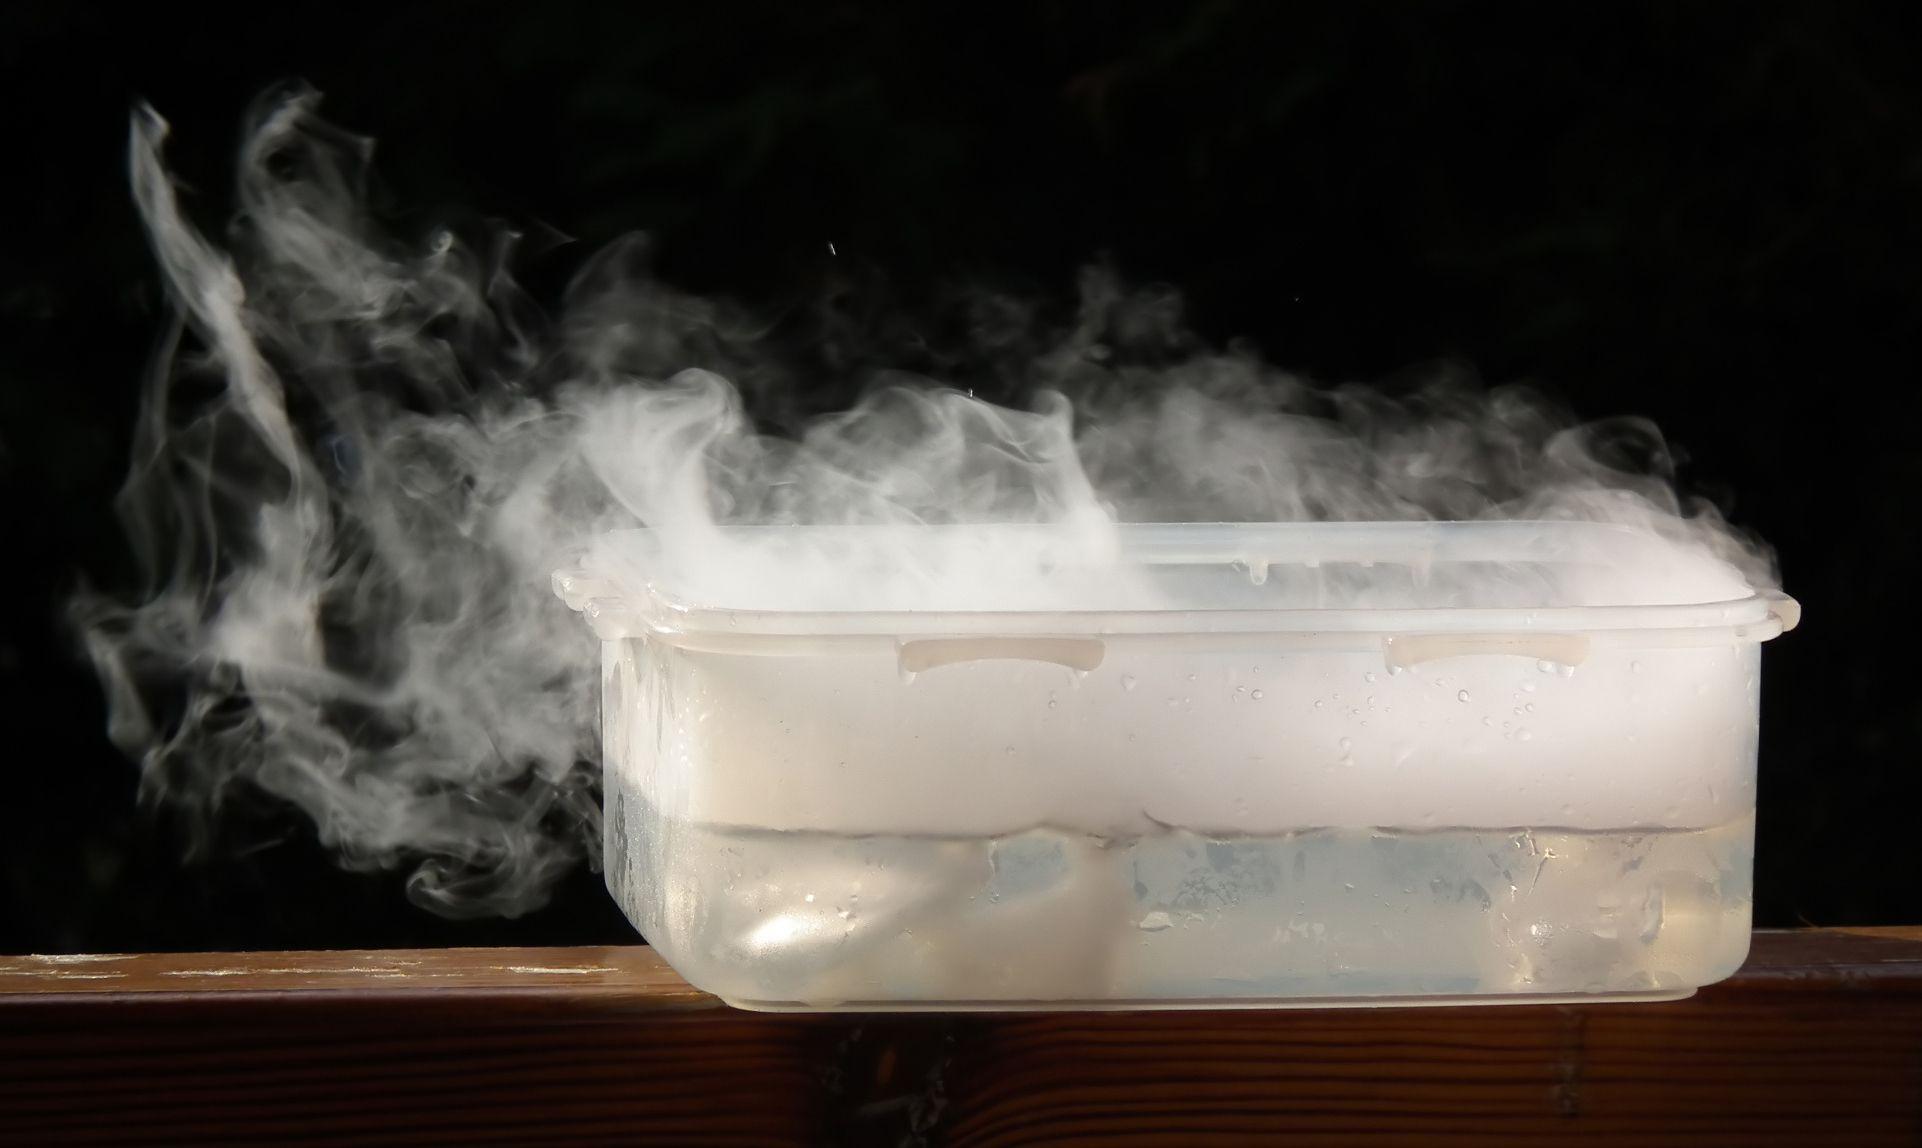 Suszenie suchym lodem? Można!